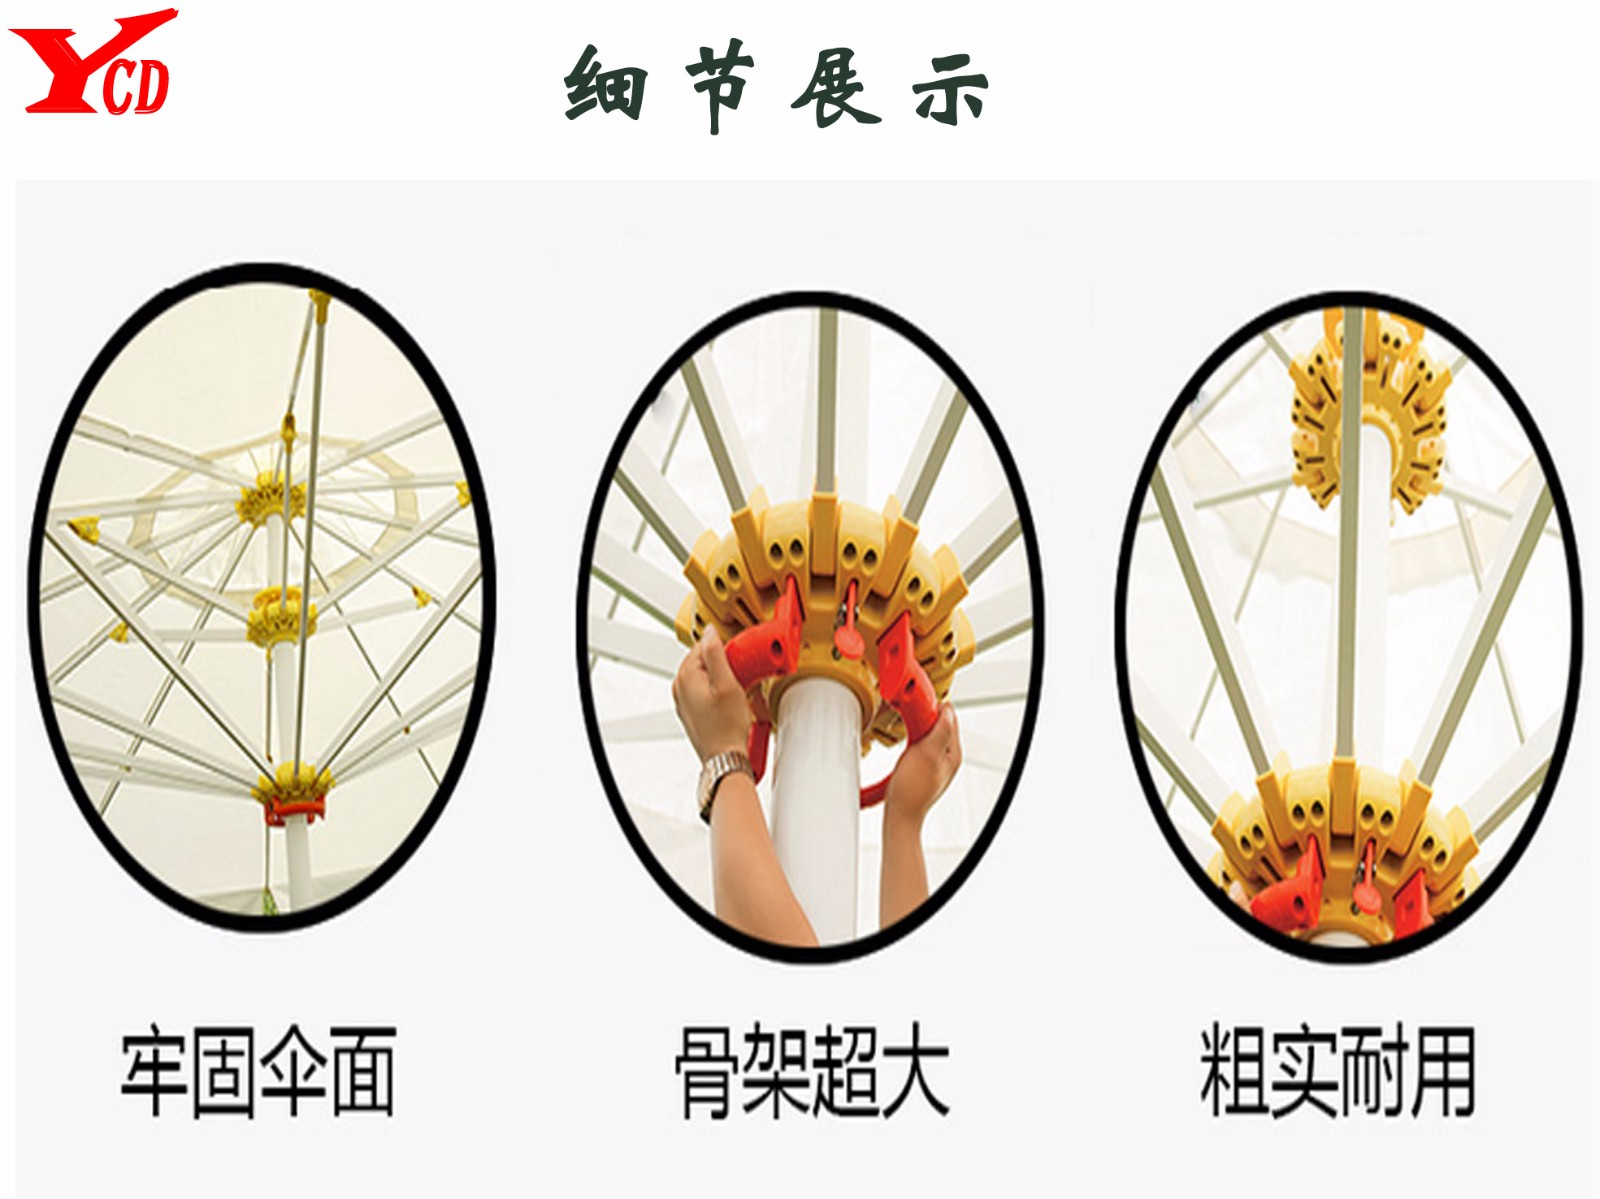 7米铝合金金圆形中柱伞|遮阳伞-山东亿彩达遮阳节能科技有限公司